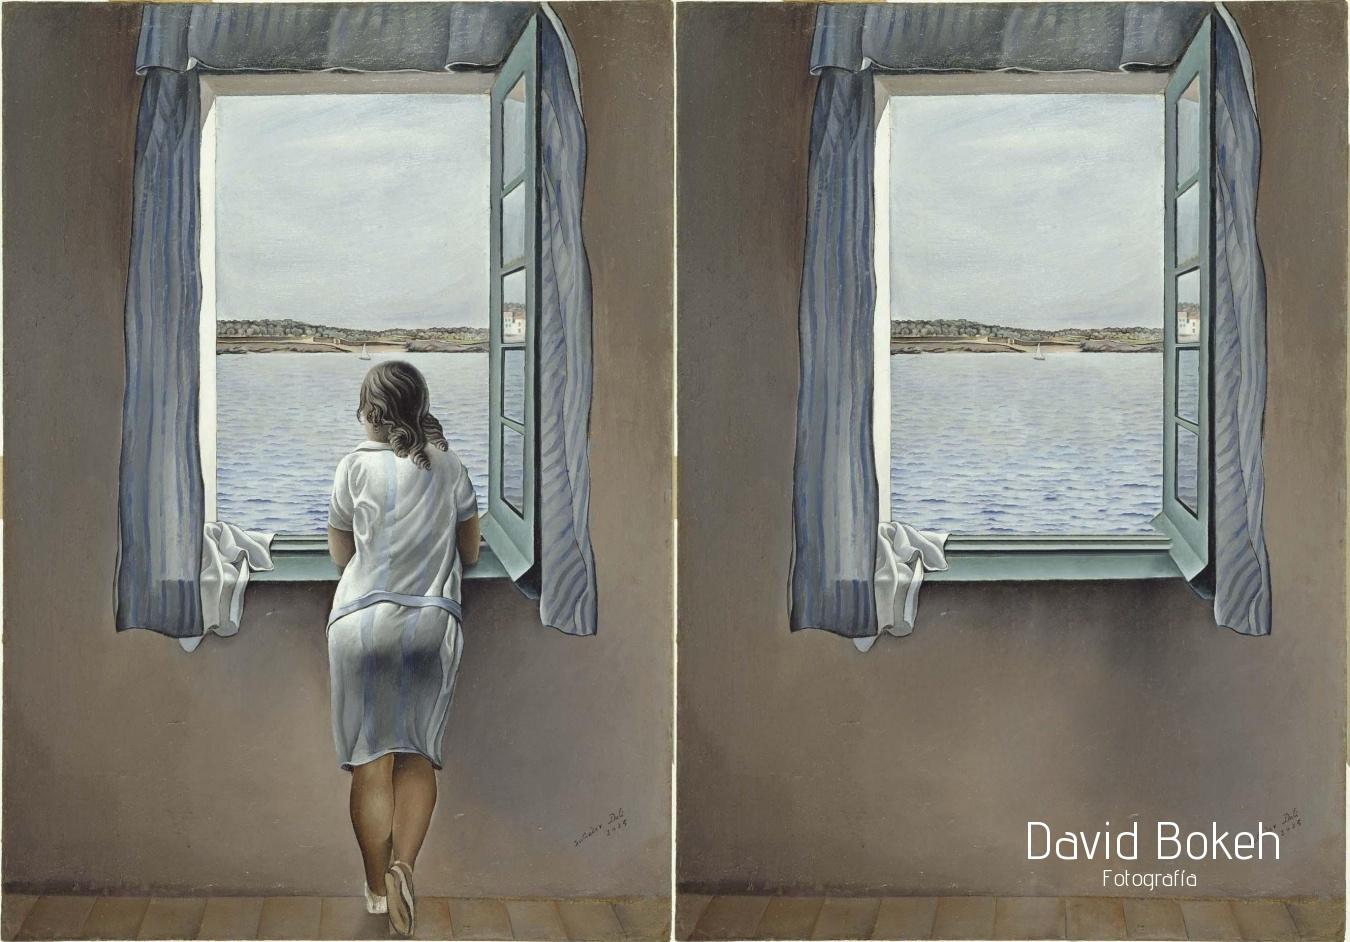 El arte de quedarse en casa - David Bokeh, Fotografía